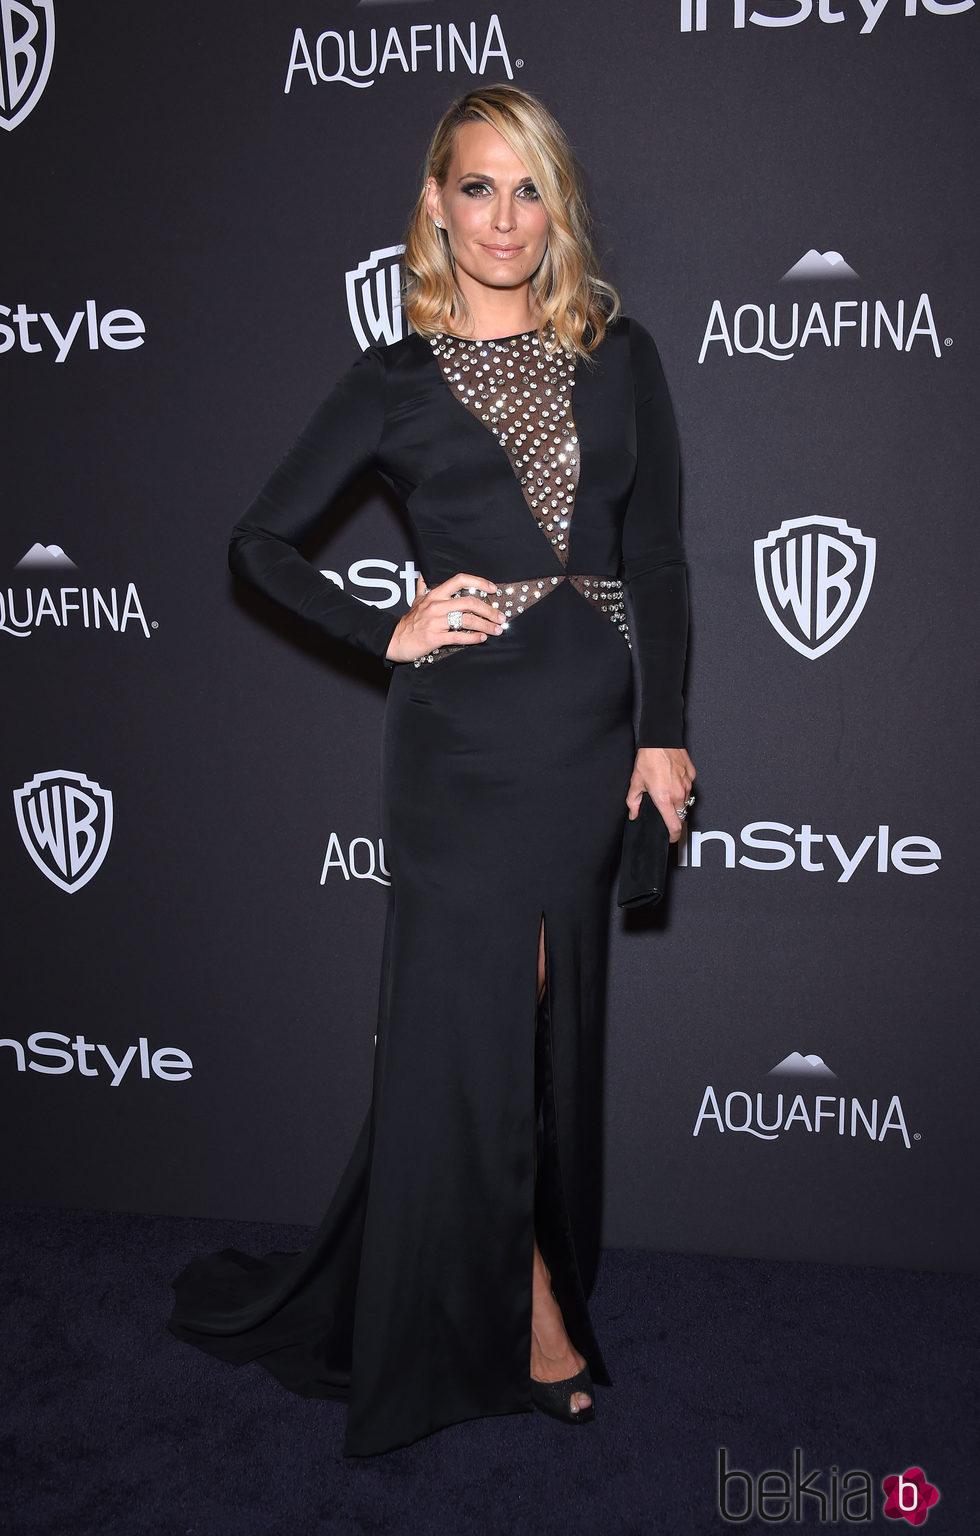 Molly Sims en la fiesta de InStyle tras la entrega de los Globos de Oro 2016